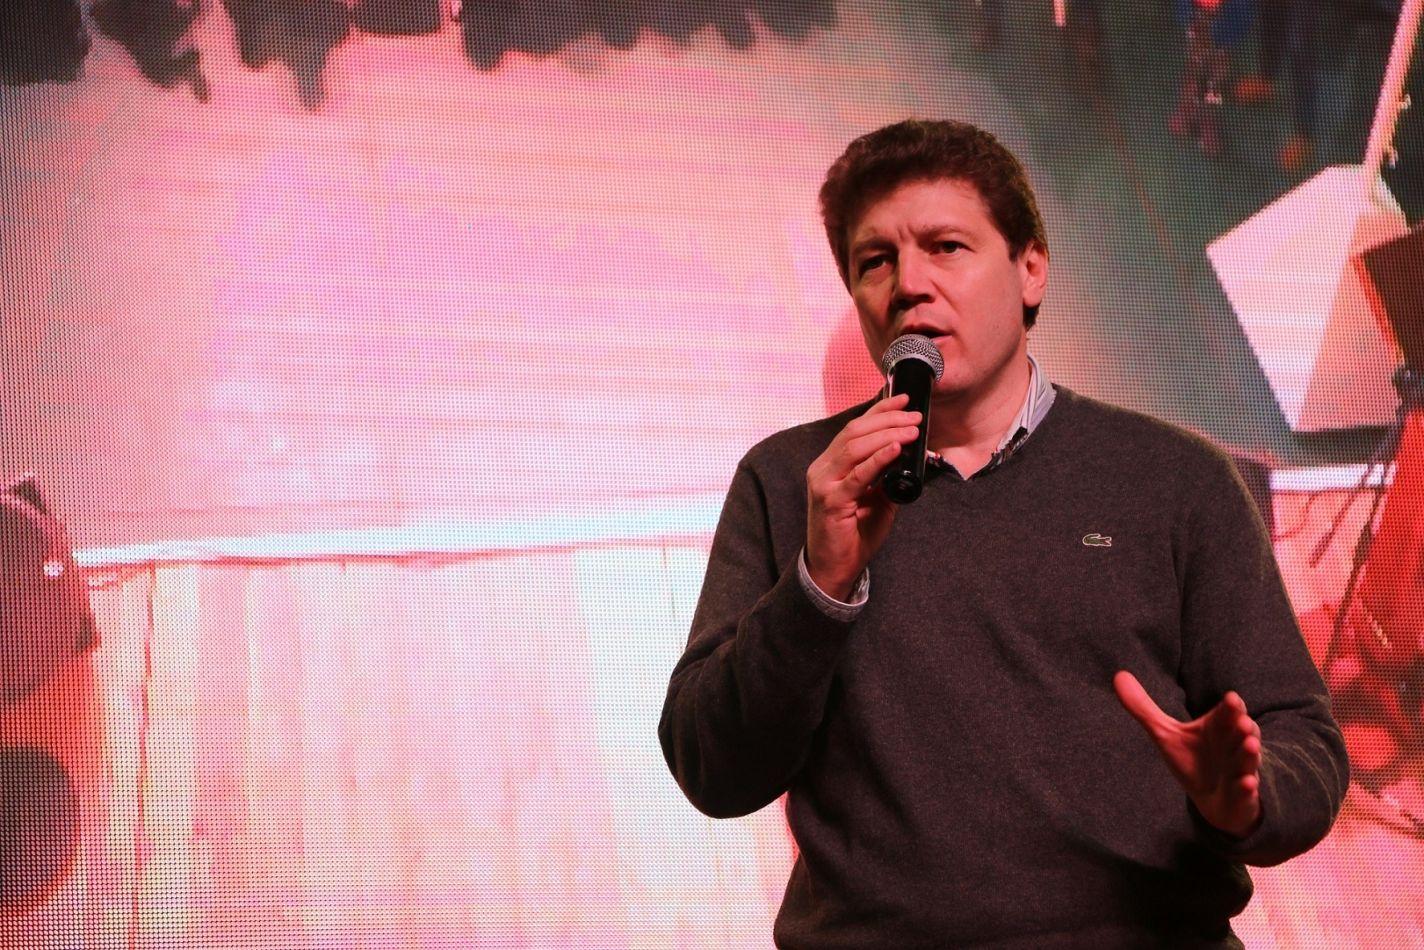 En imagen el intendente Gustavo Melella